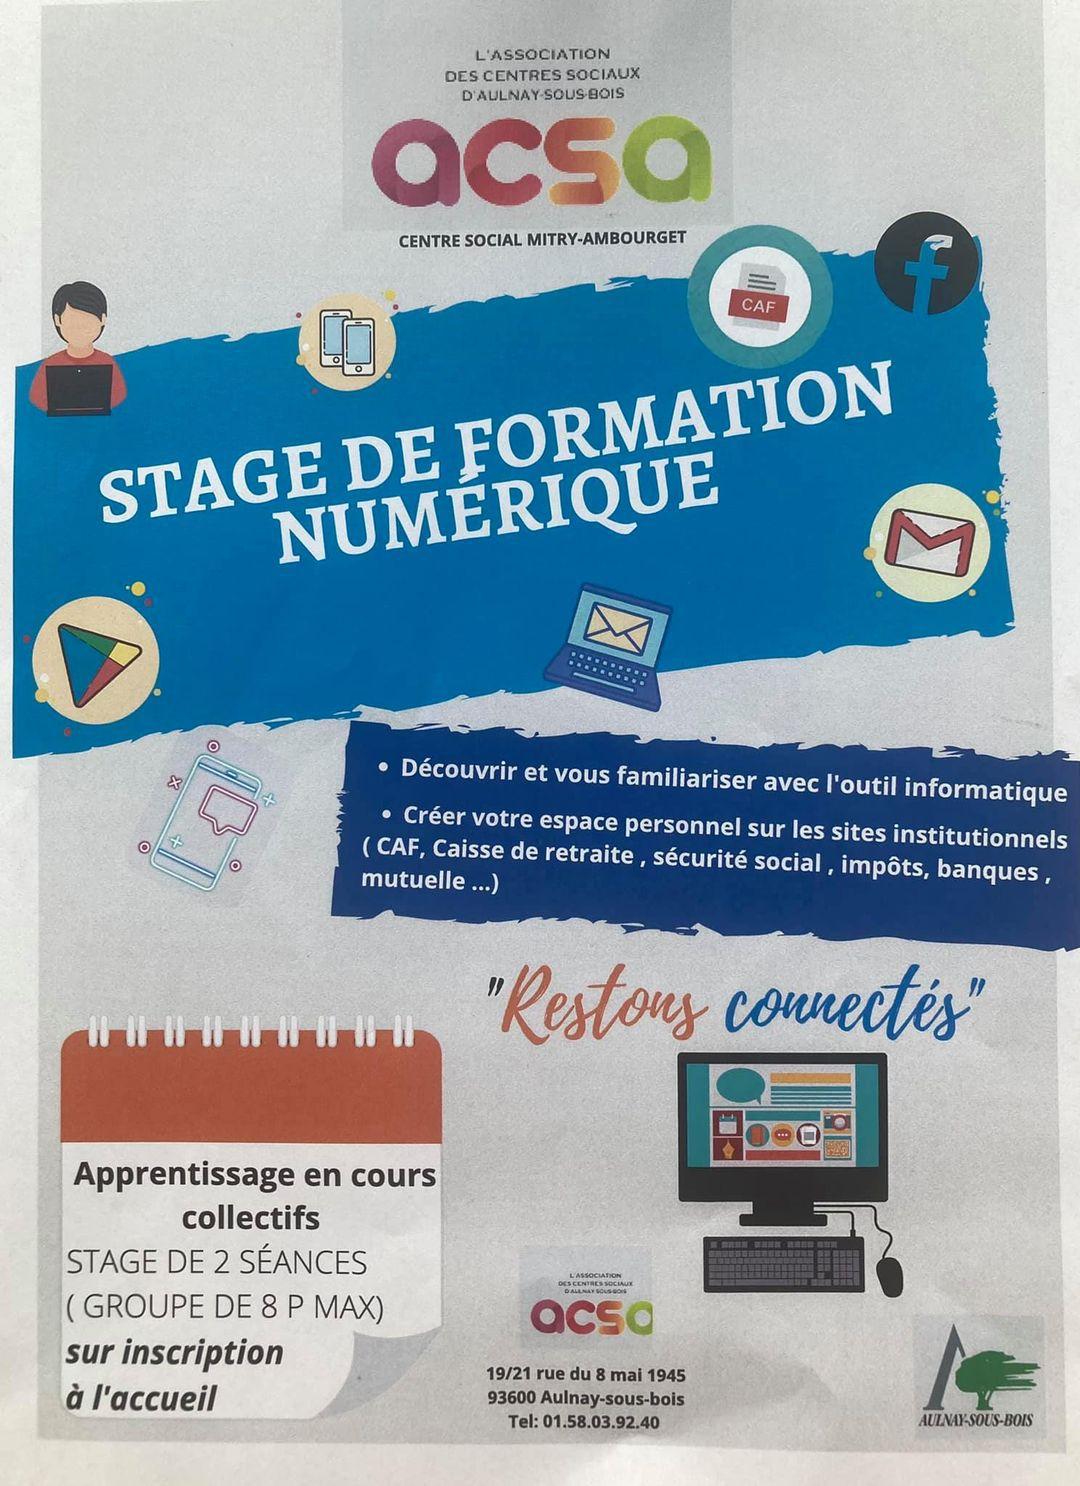 Des stages numériques à Aulnay-sous-Bois